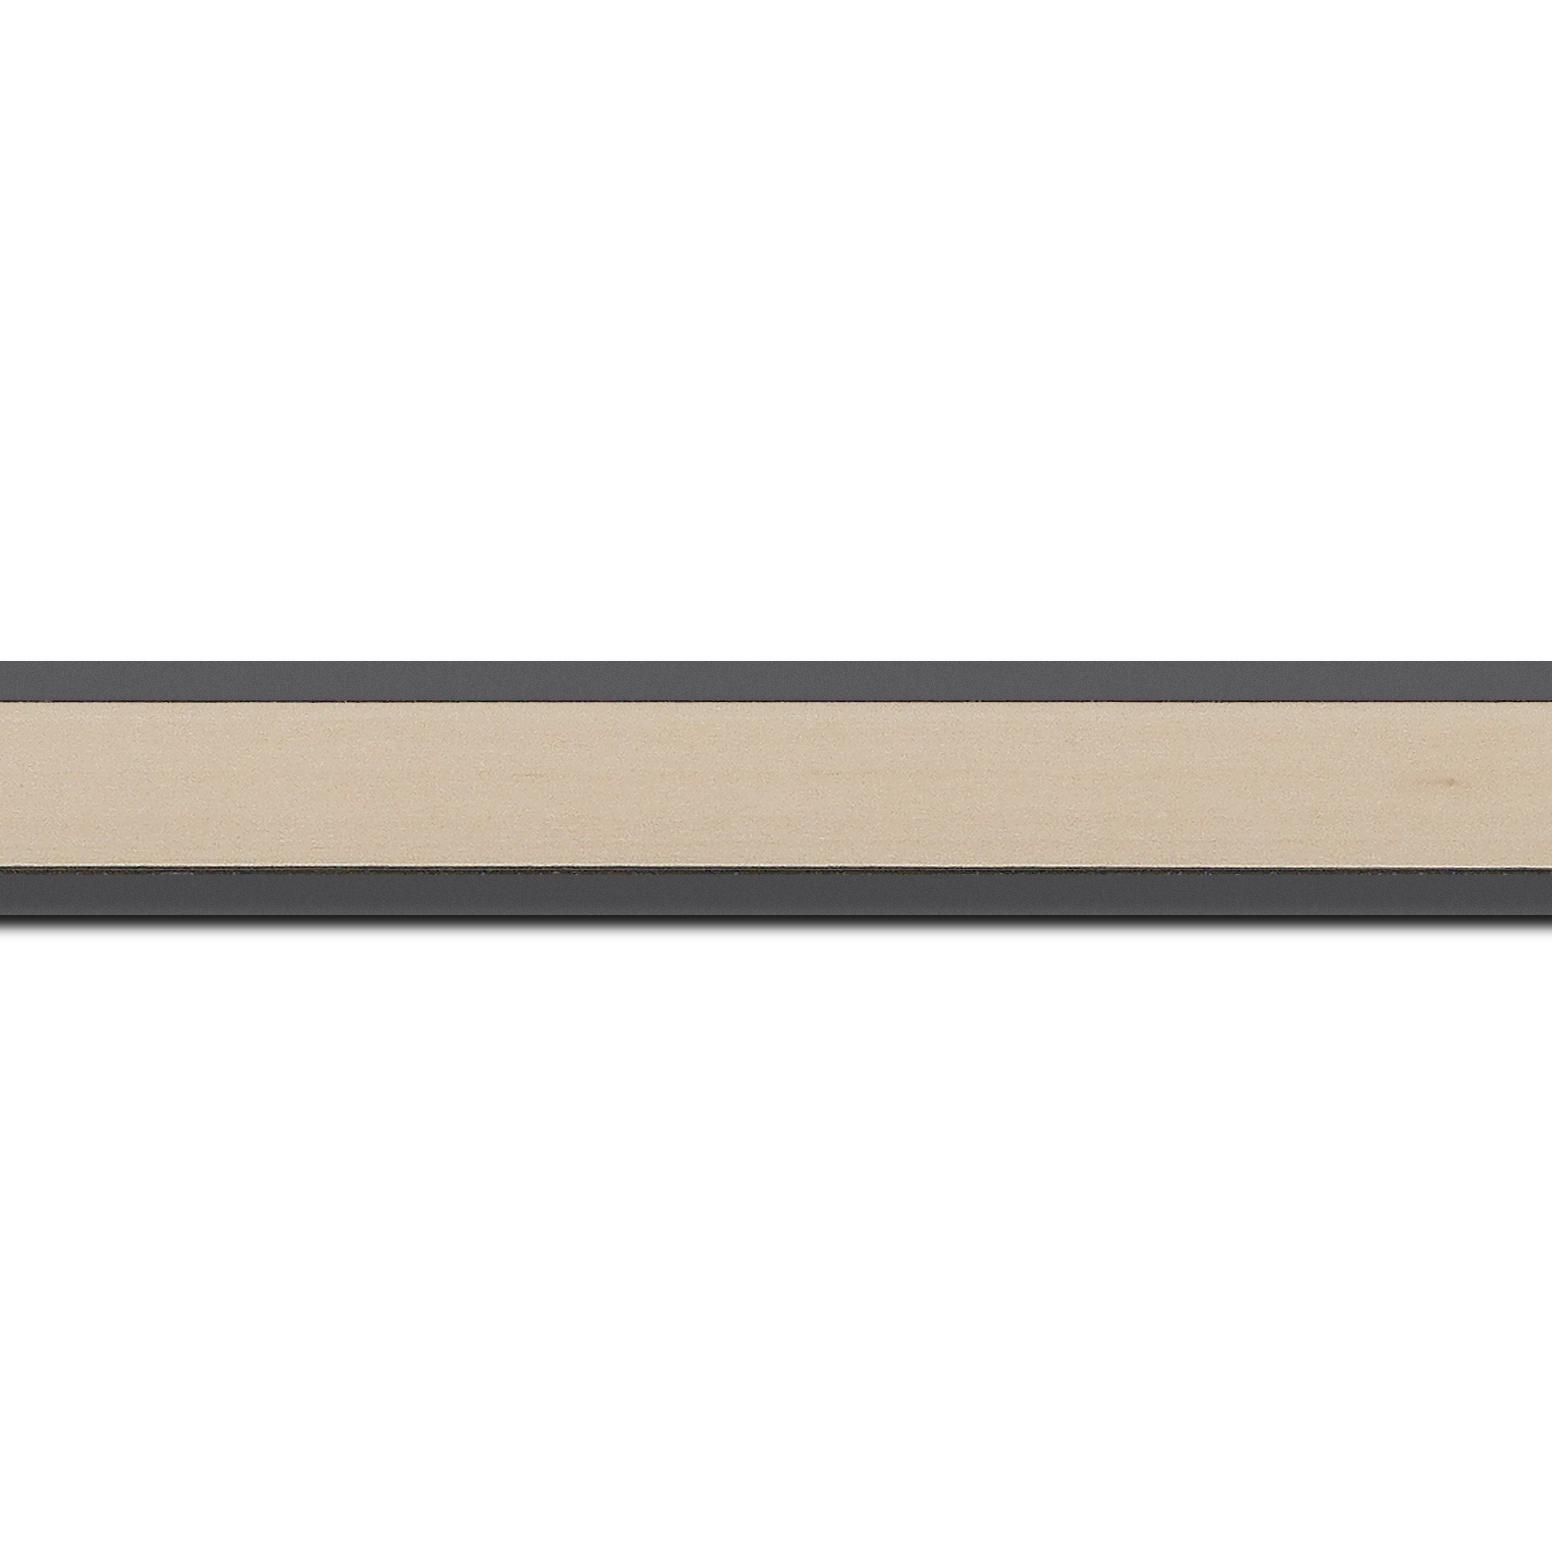 Pack par 12m, bois essence marupa profil plat largeur 2.5cm plaquage érable teinté coquille d'œuf,  filet intérieur et extérieur gris foncé (longueur baguette pouvant varier entre 2.40m et 3m selon arrivage des bois)